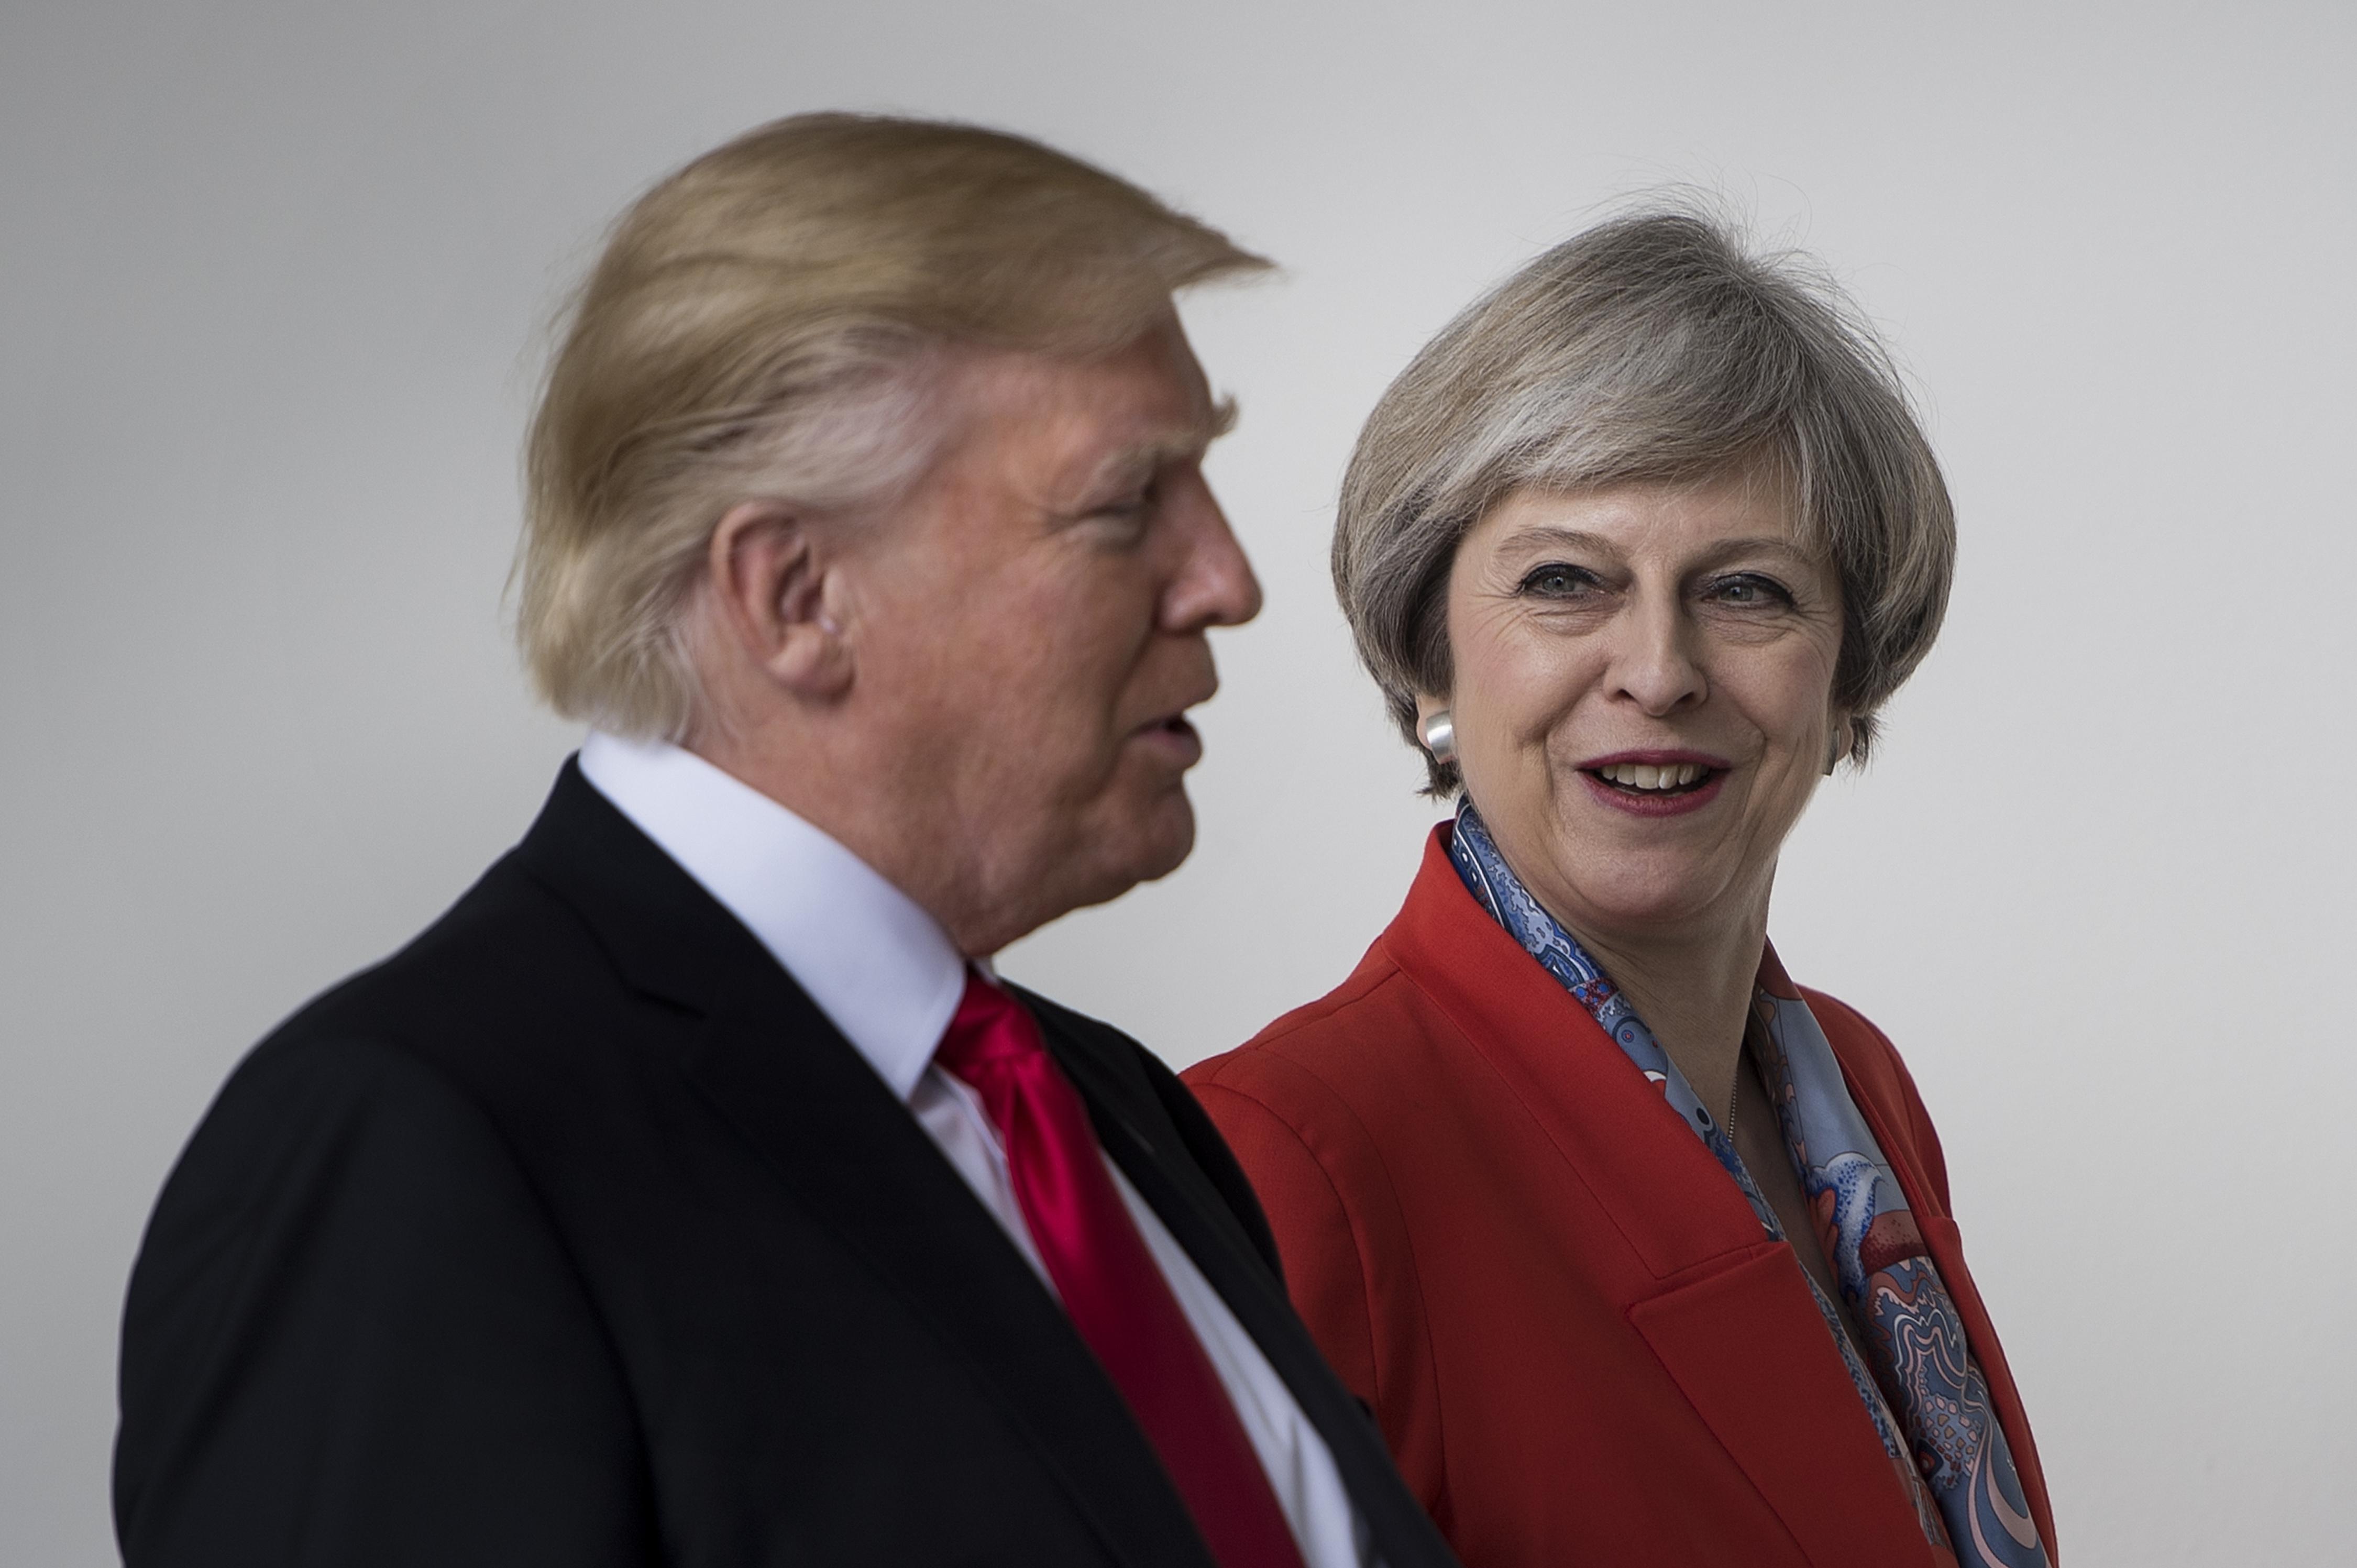 Donald Trump y Theresa May hablan en la Casa Blanca durante su reunión de este viernes. (Crédito: BRENDAN SMIALOWSKI/AFP/Getty Images)